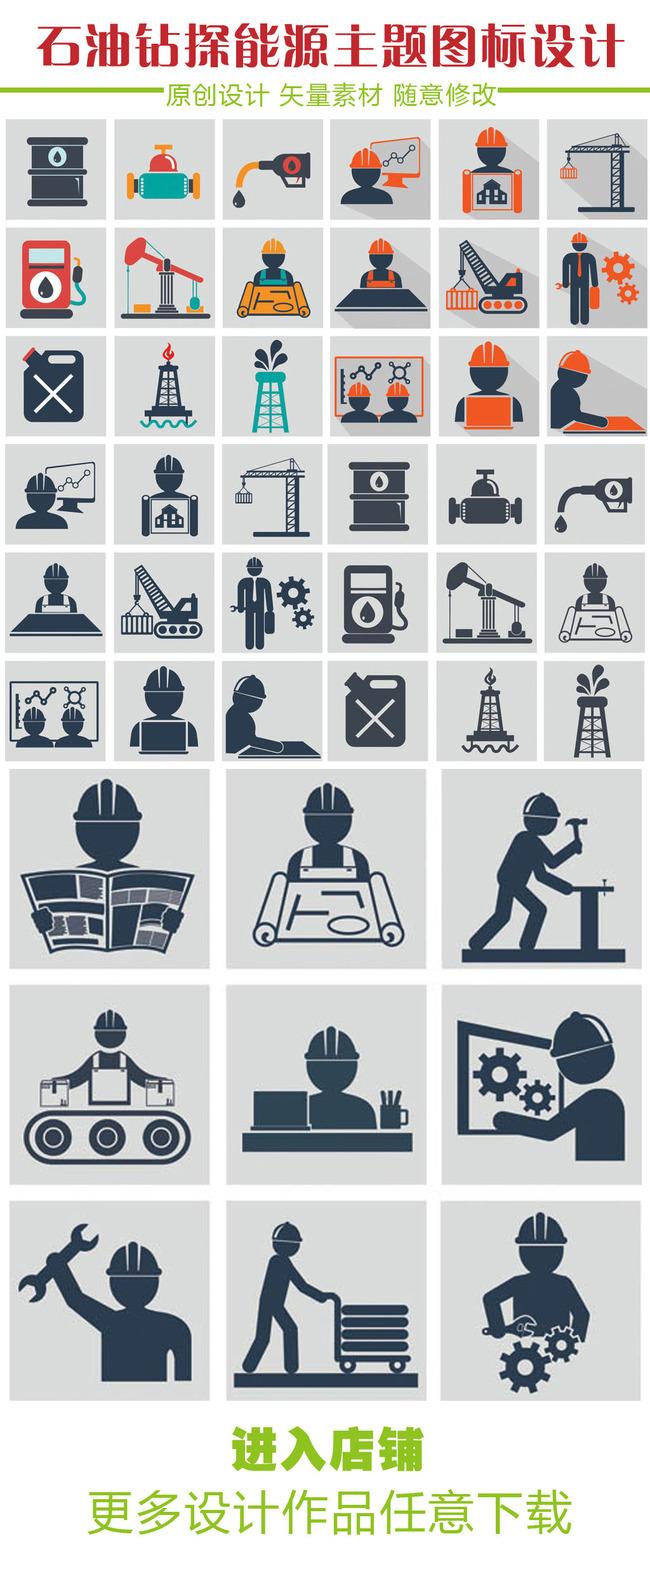 石油钻探能源主题图标设计模板下载(图片编号:)_符号